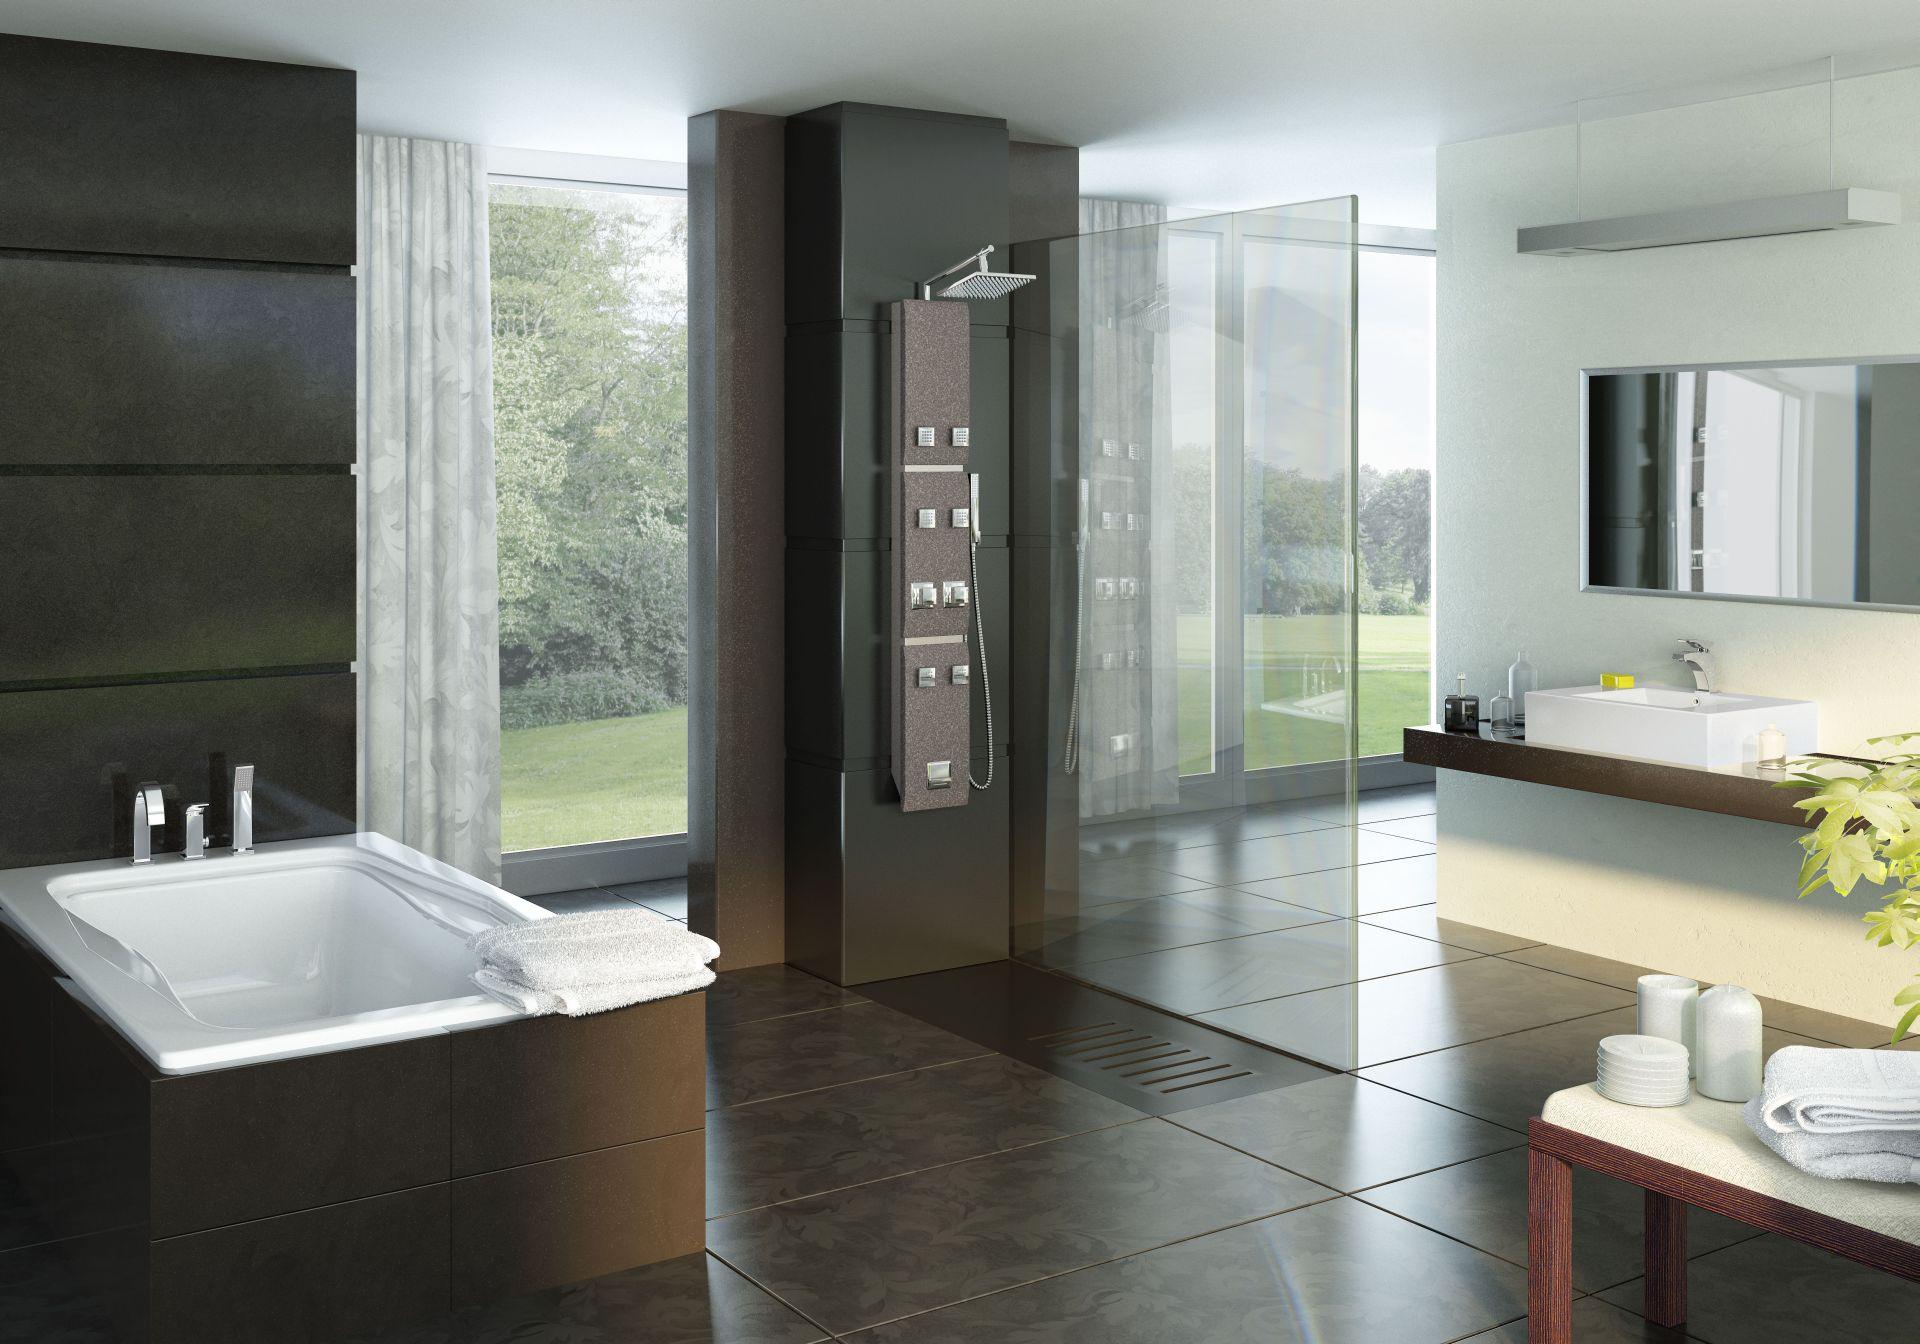 Bezpieczna I Wygodna łazienka Dla Każdego Archipelag